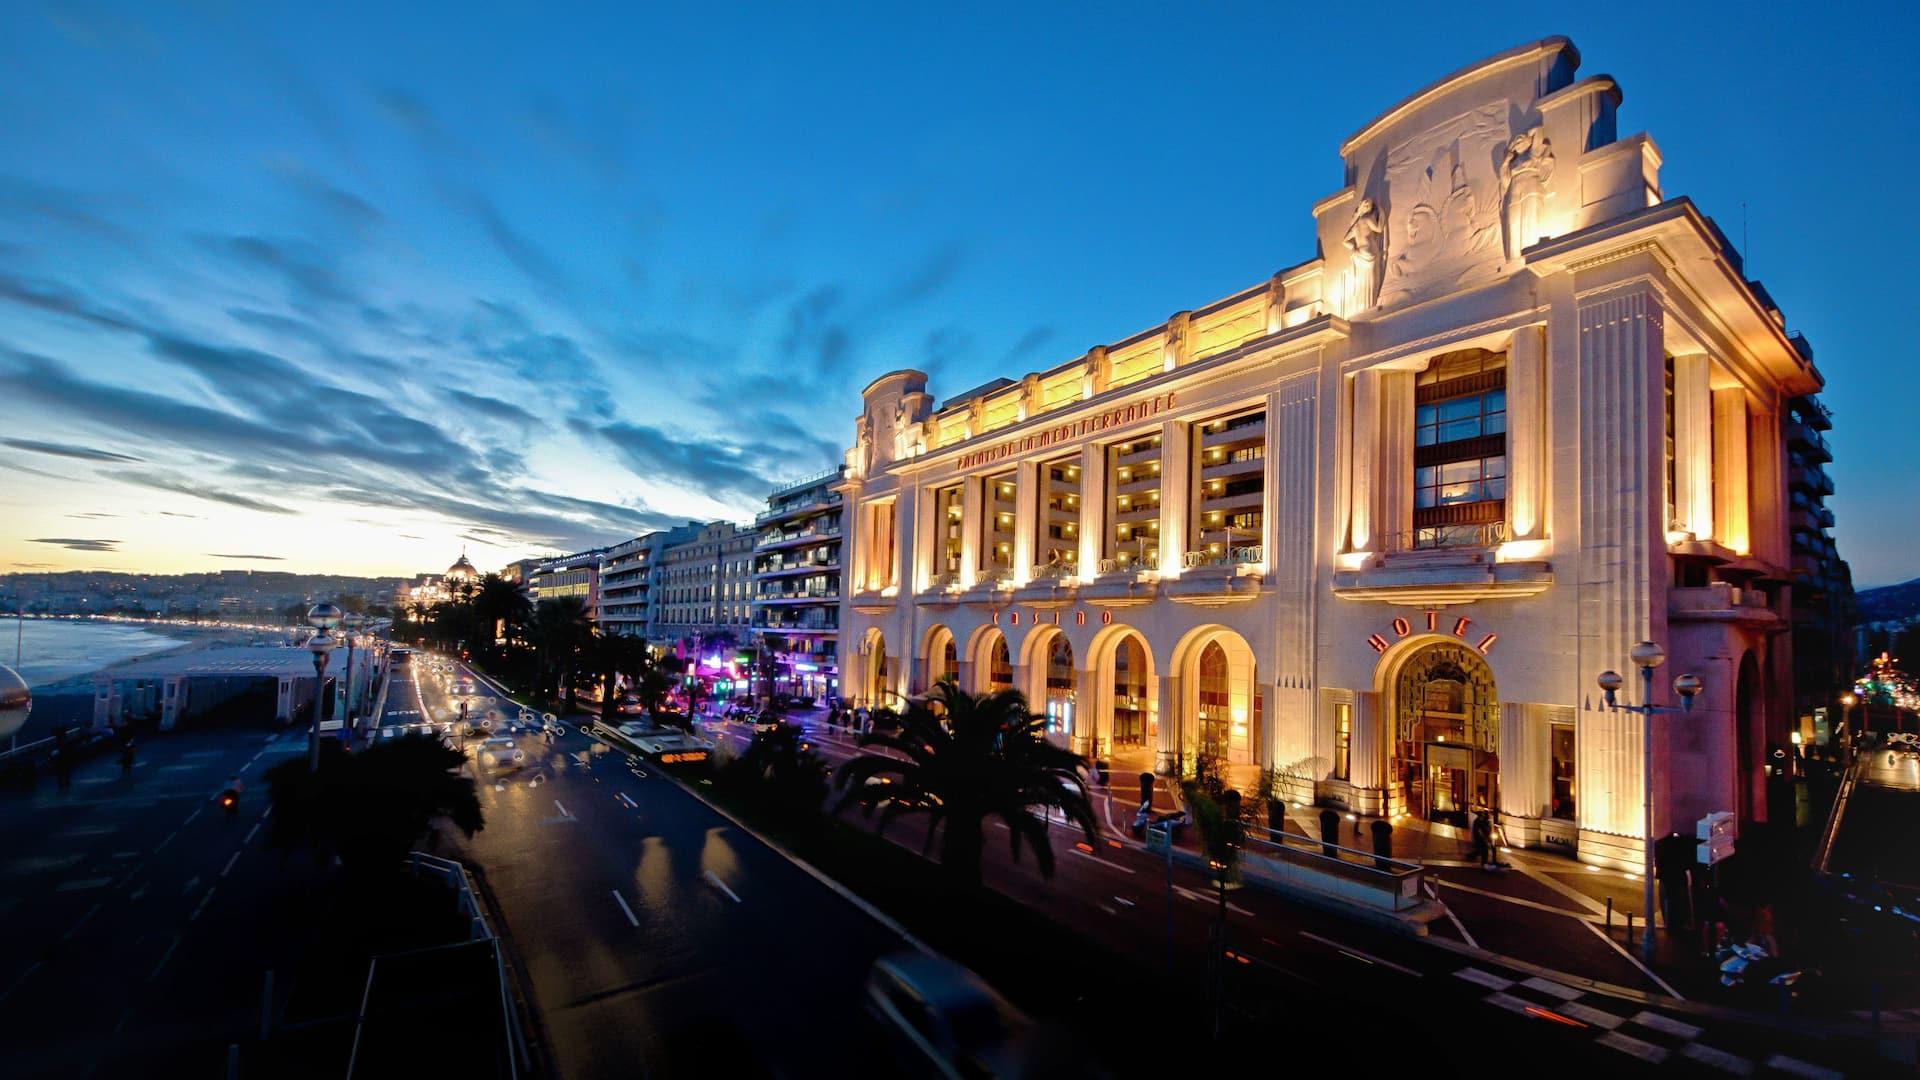 Hyatt Regency Nice Palais de la Mediterranee Facade